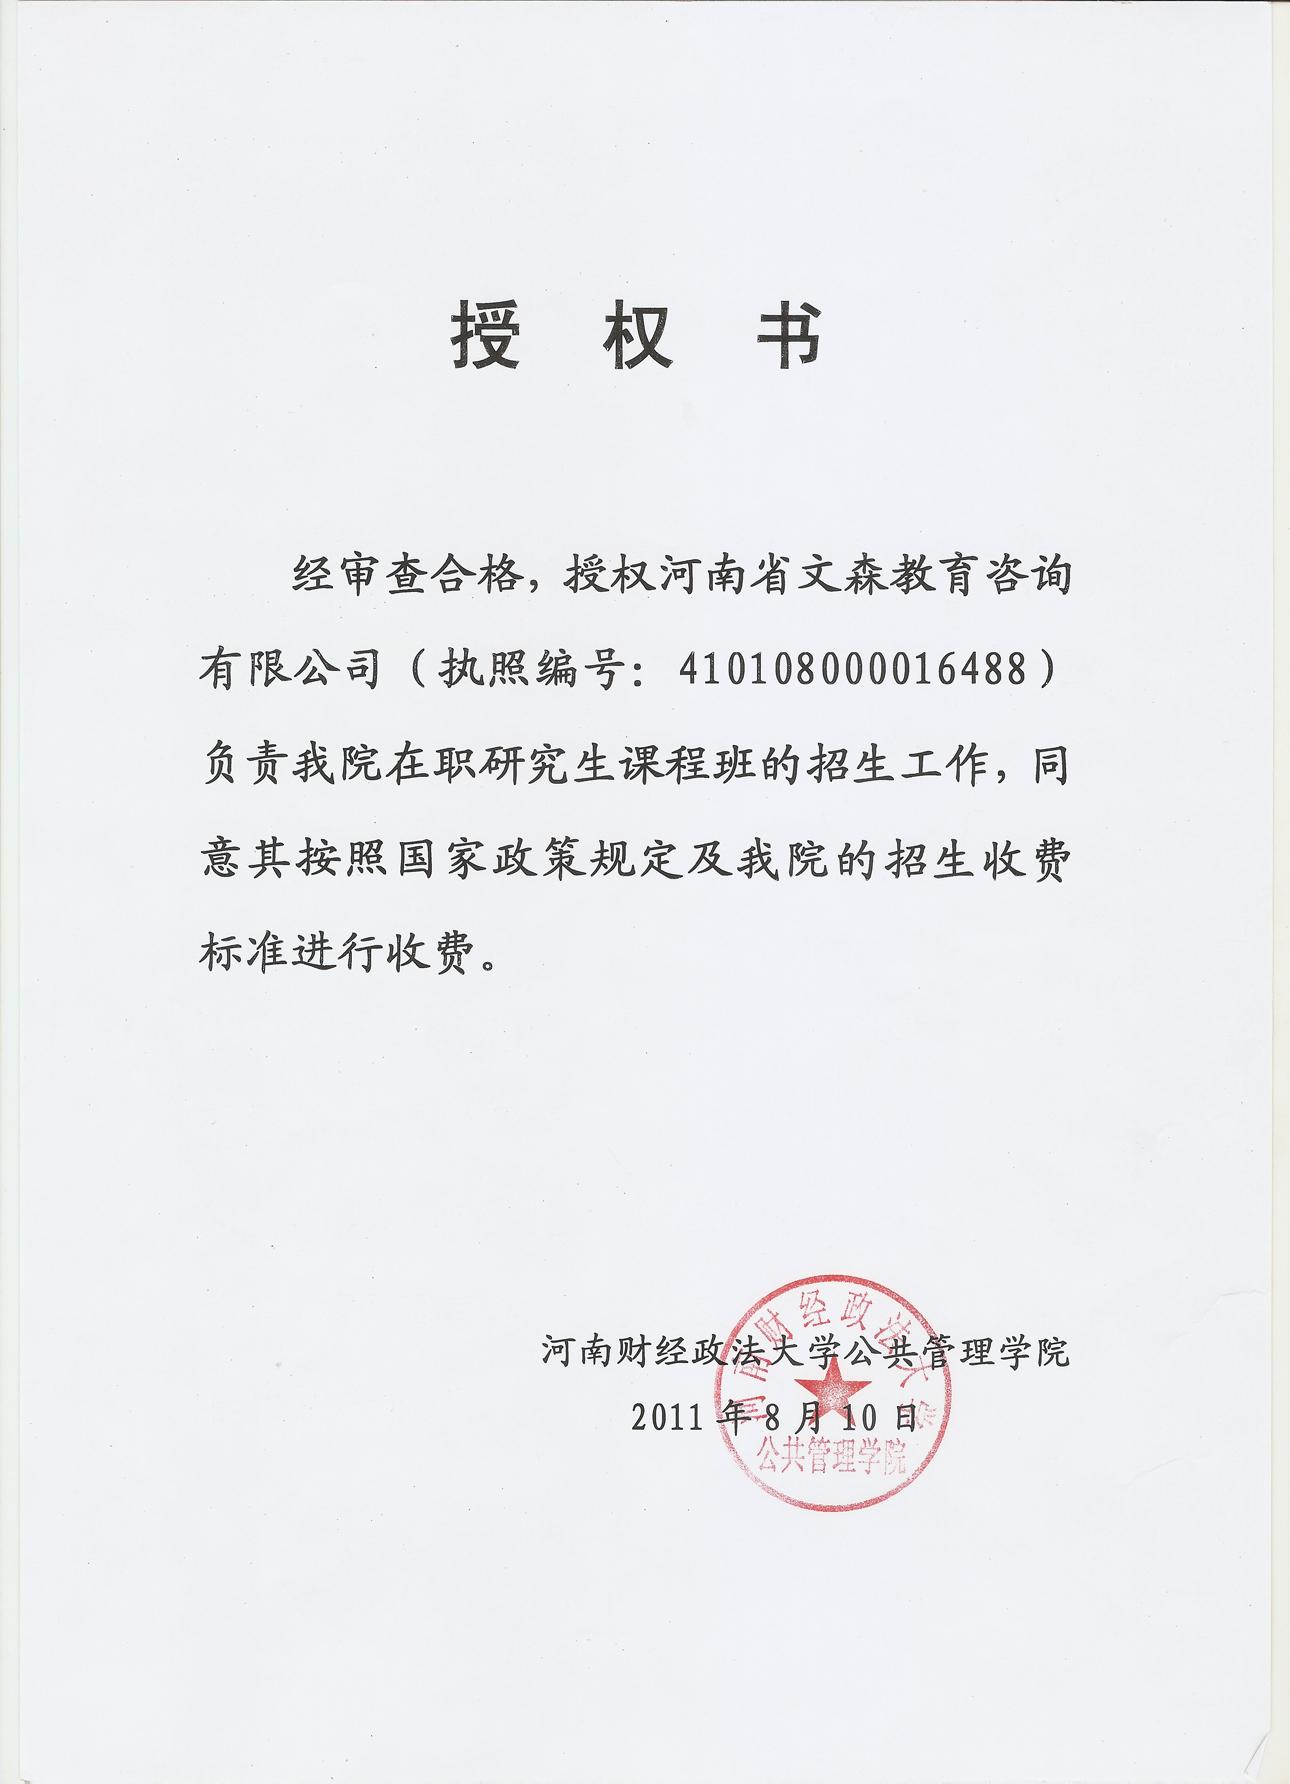 河南财经政法大学授权委托书